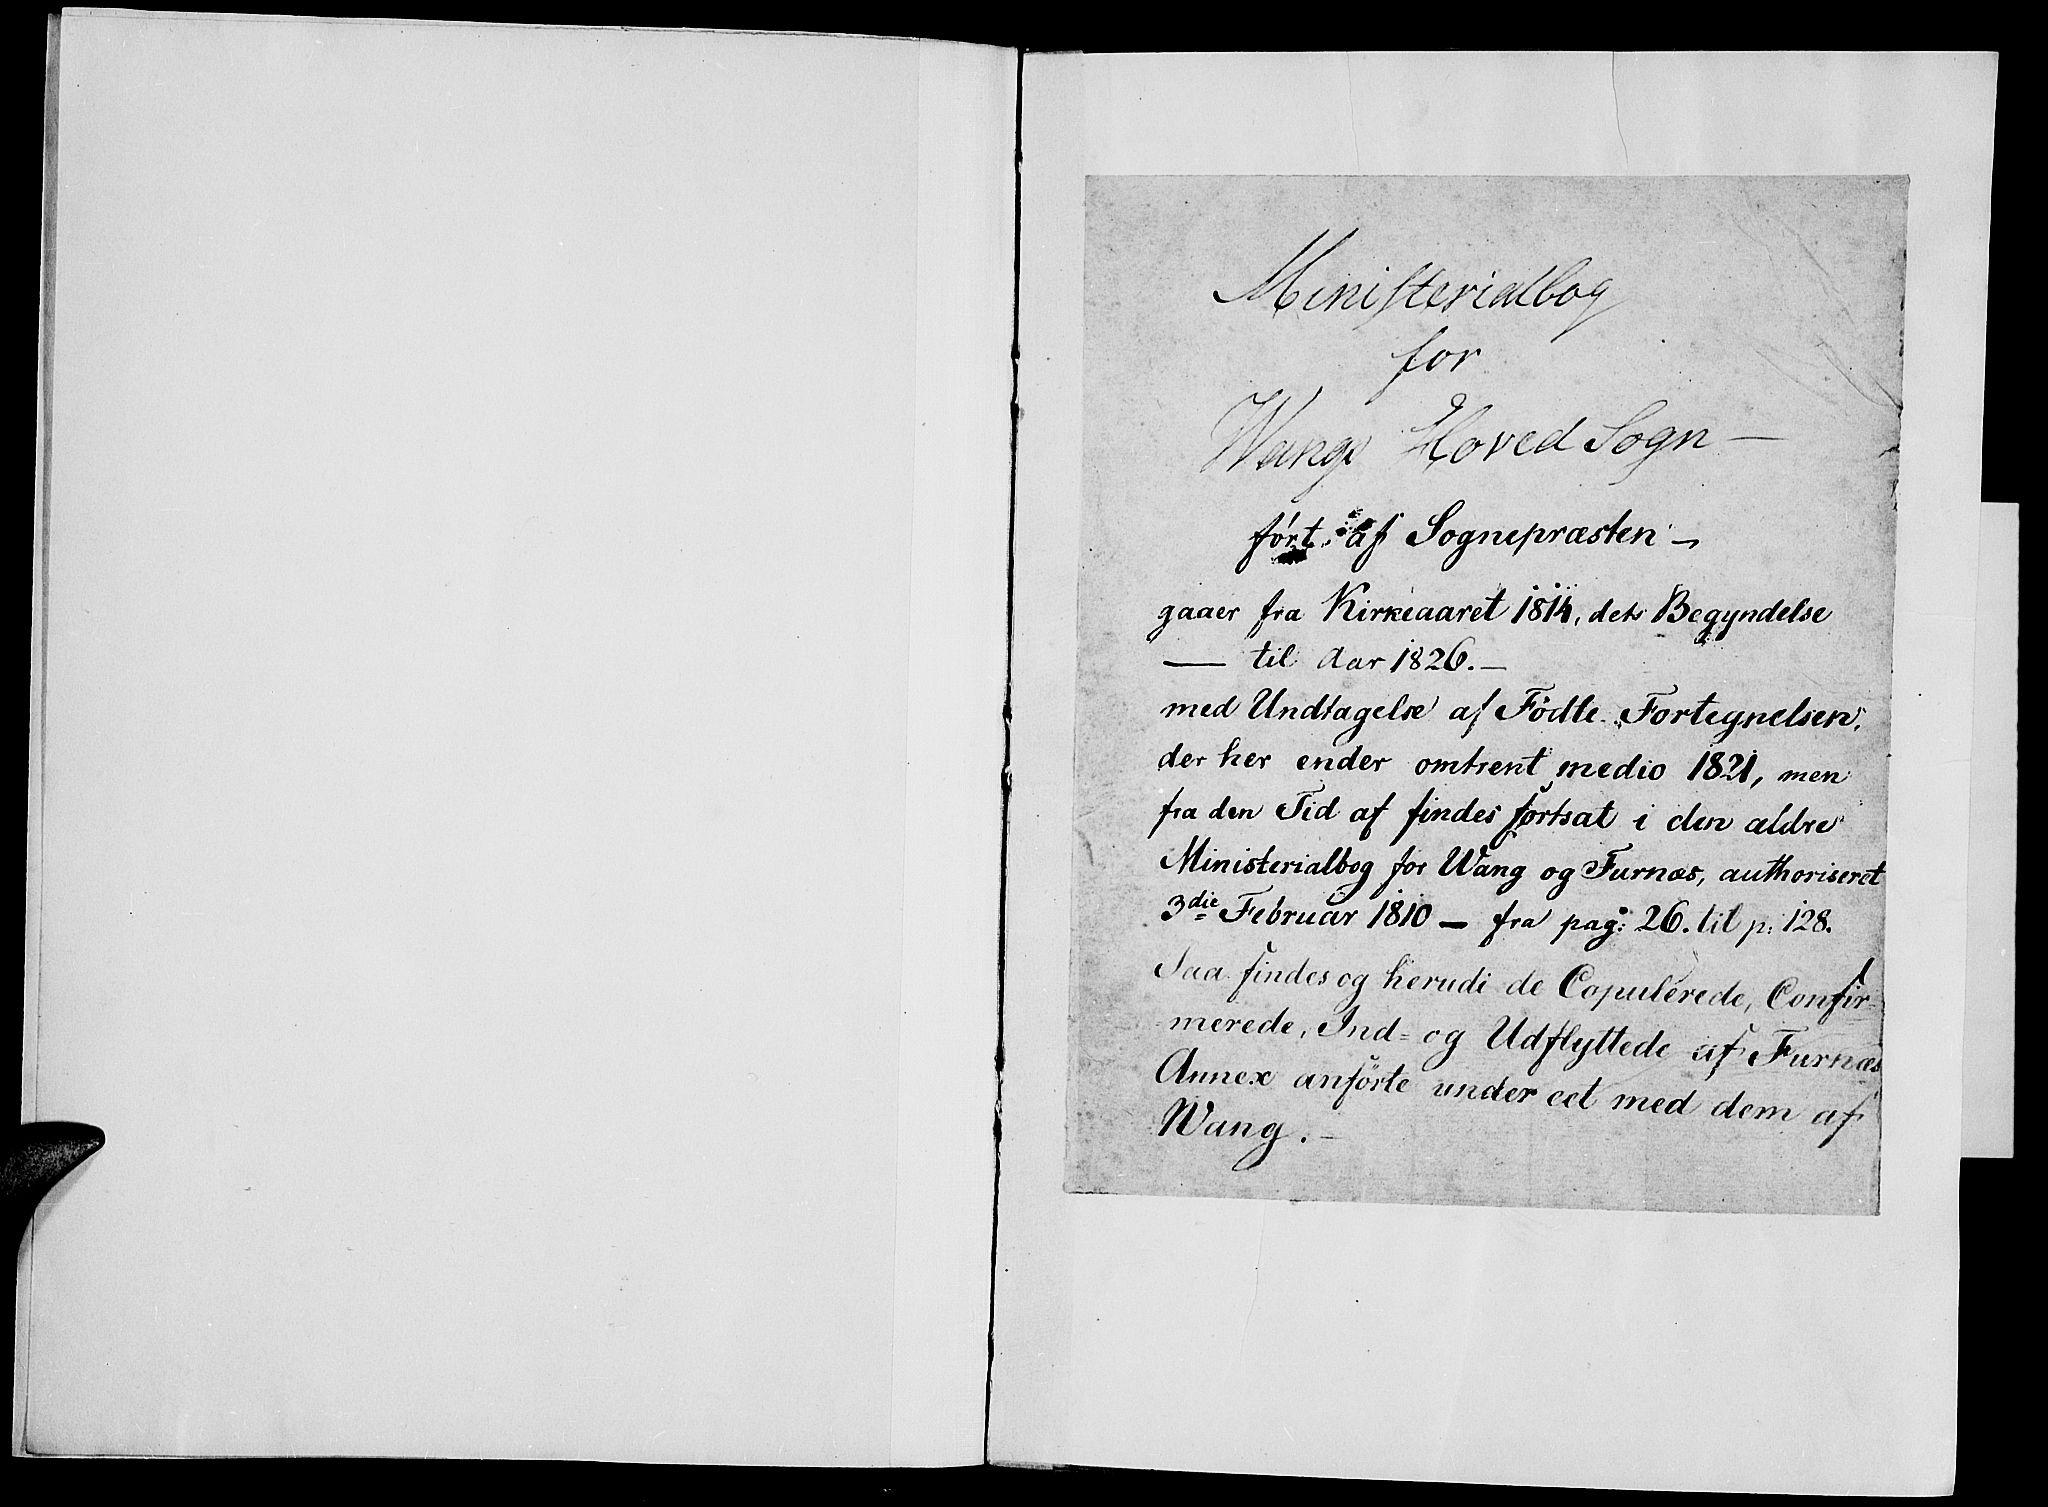 SAH, Vang prestekontor, Hedmark, H/Ha/Haa/L0007: Ministerialbok nr. 7, 1813-1826